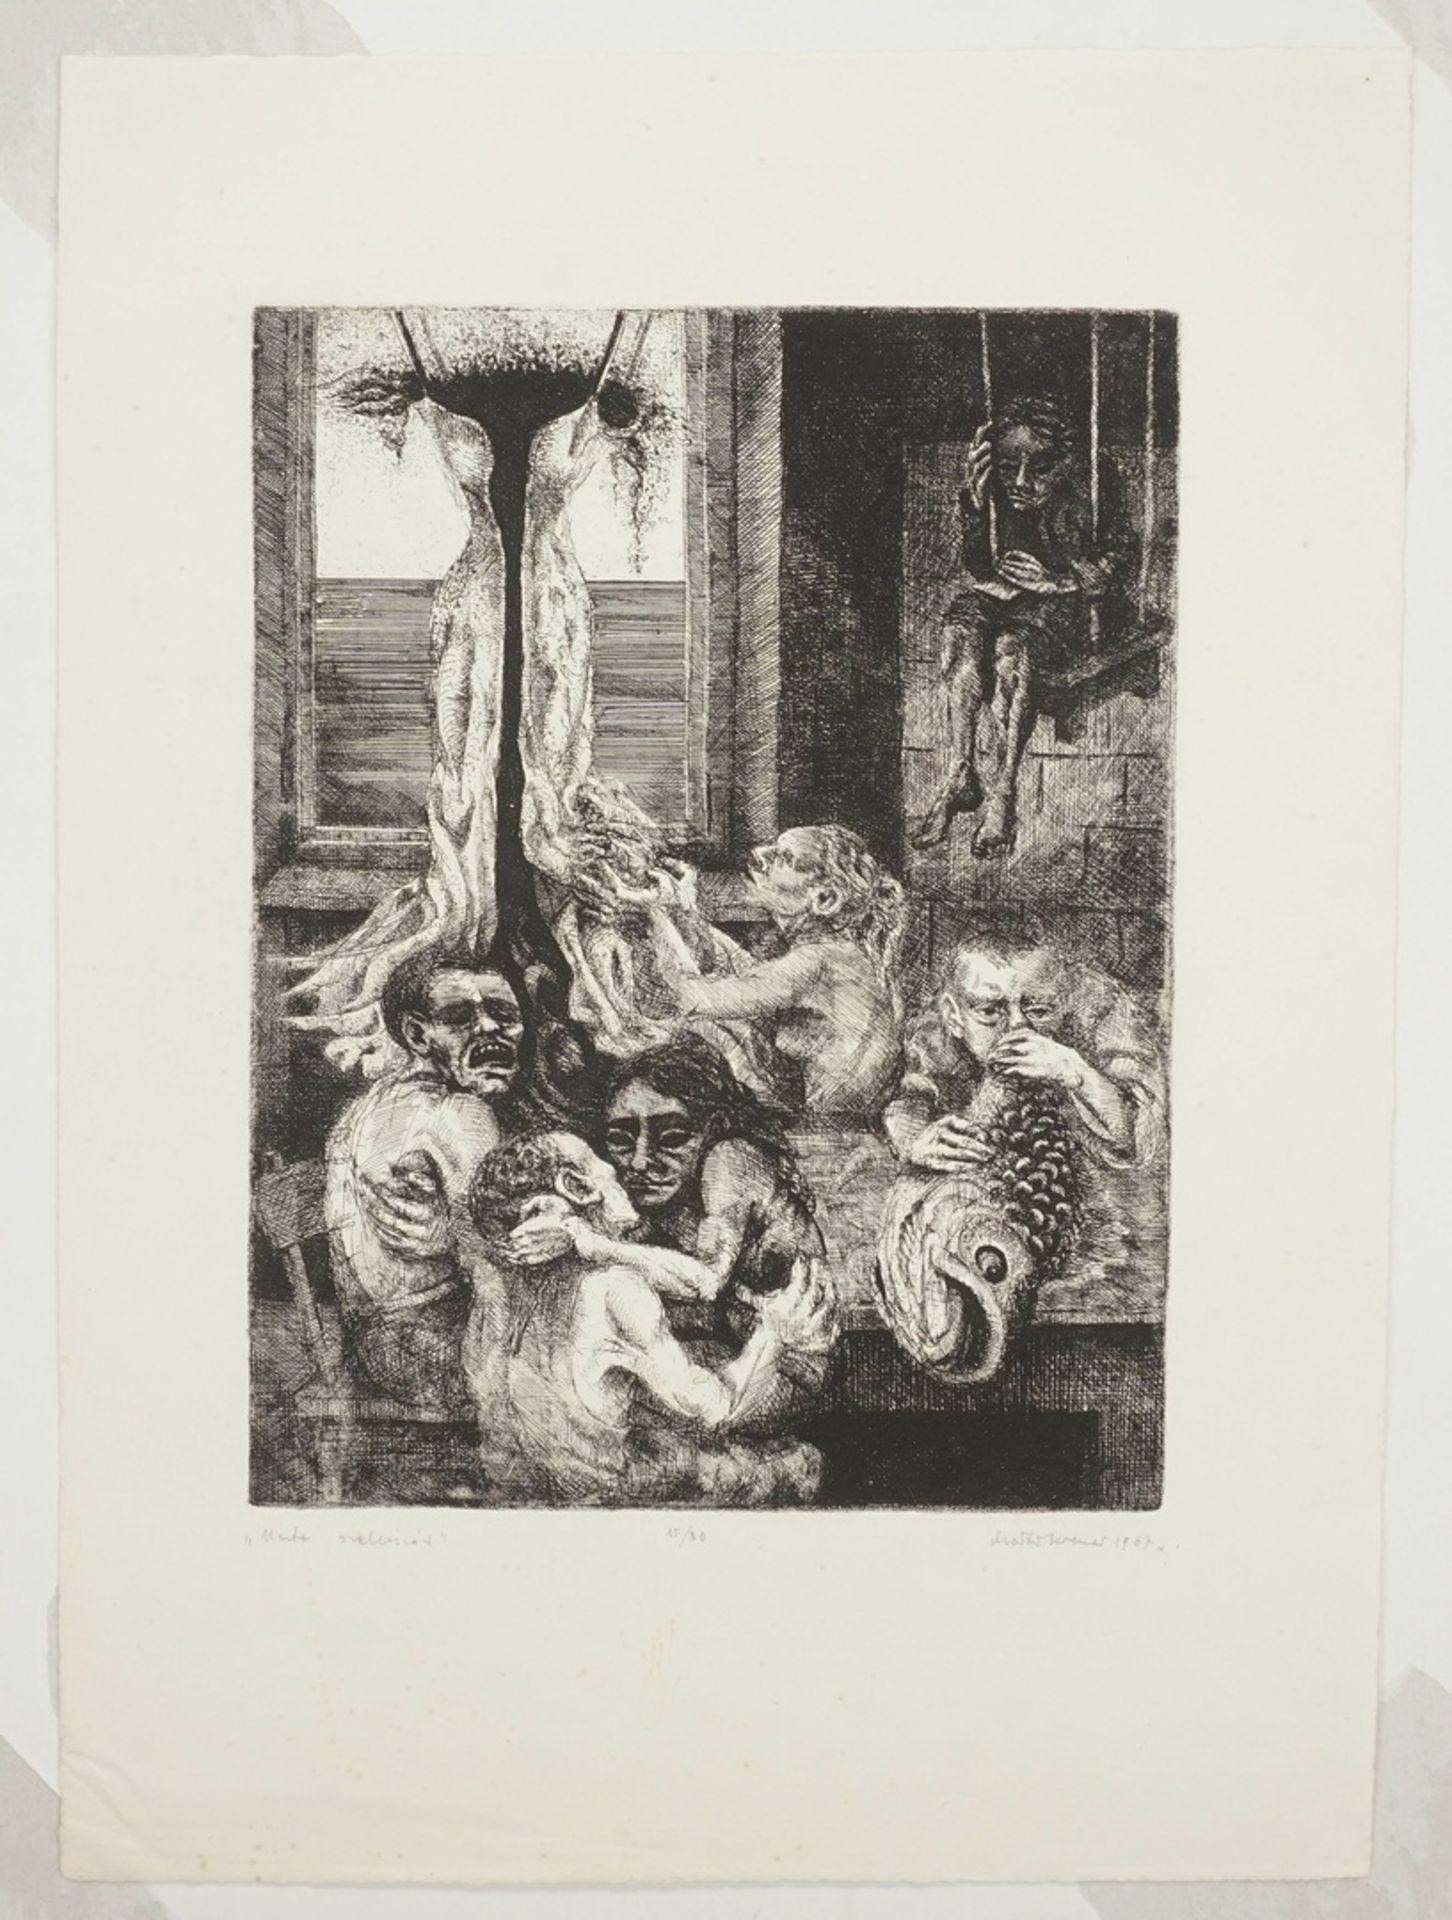 M. Kremer, Allegorie auf das Laster - Bild 3 aus 4